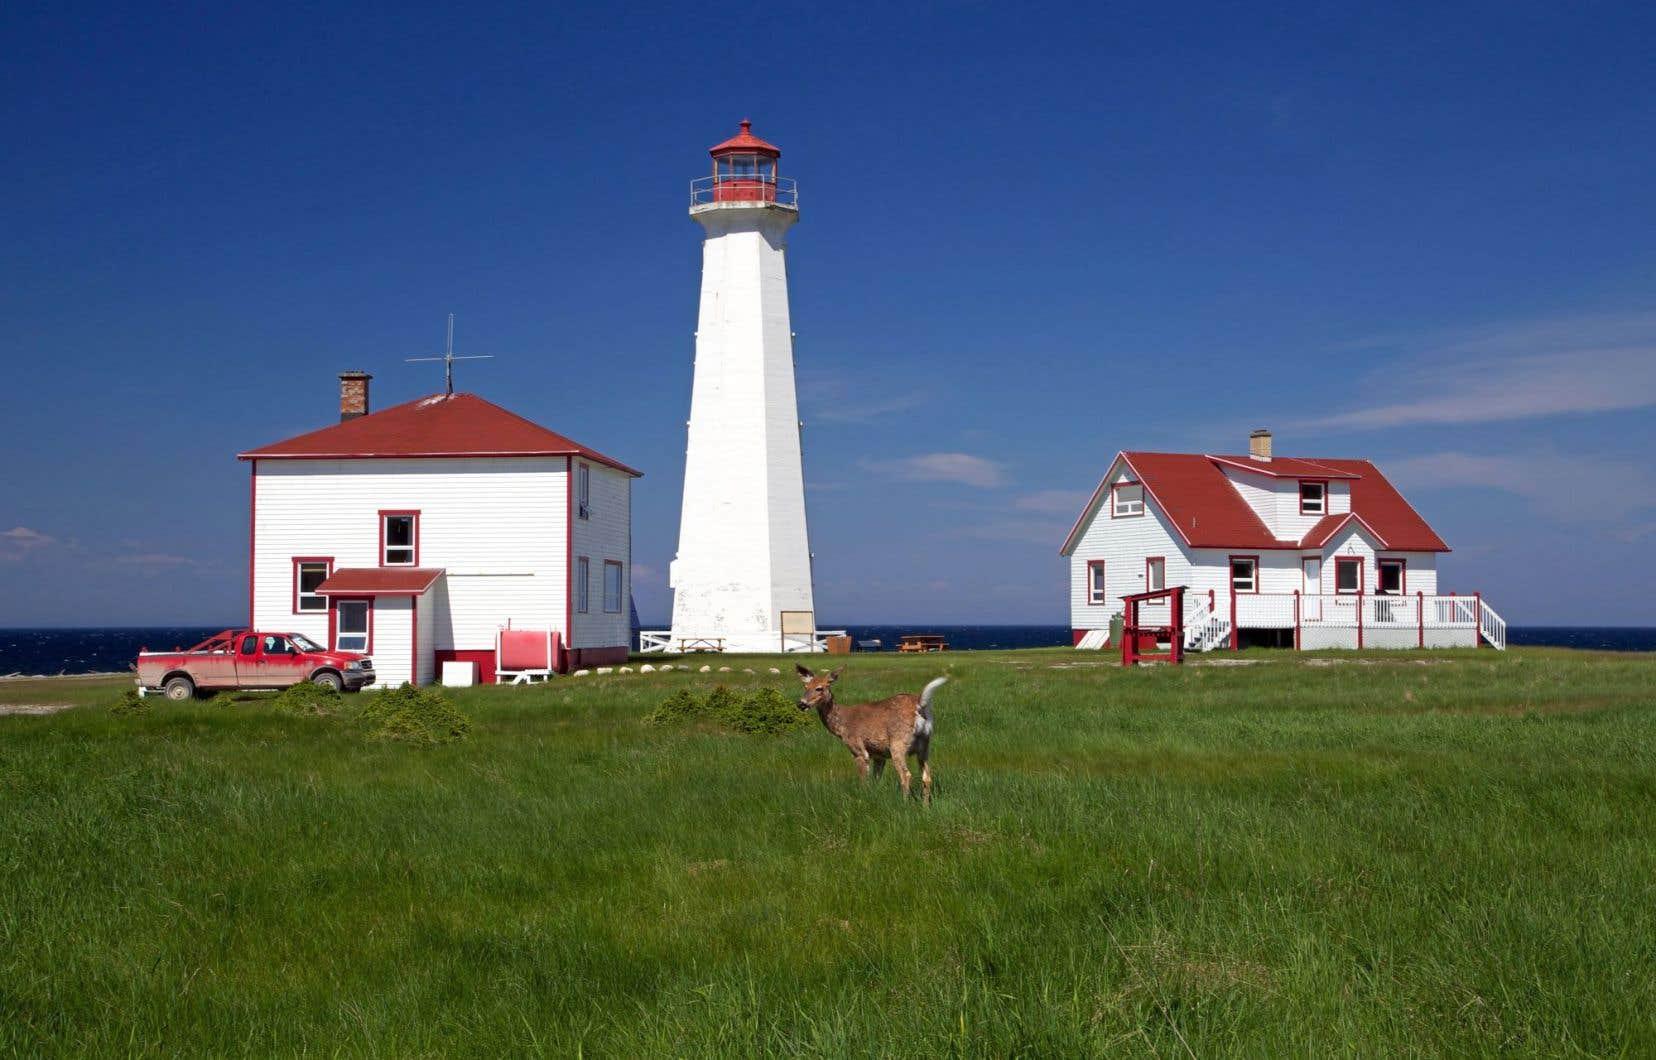 Le maire d'Anticosti, John Pineault, estime qu'il est temps de reconnaître la valeur patrimoniale de la plus grande île du Québec.